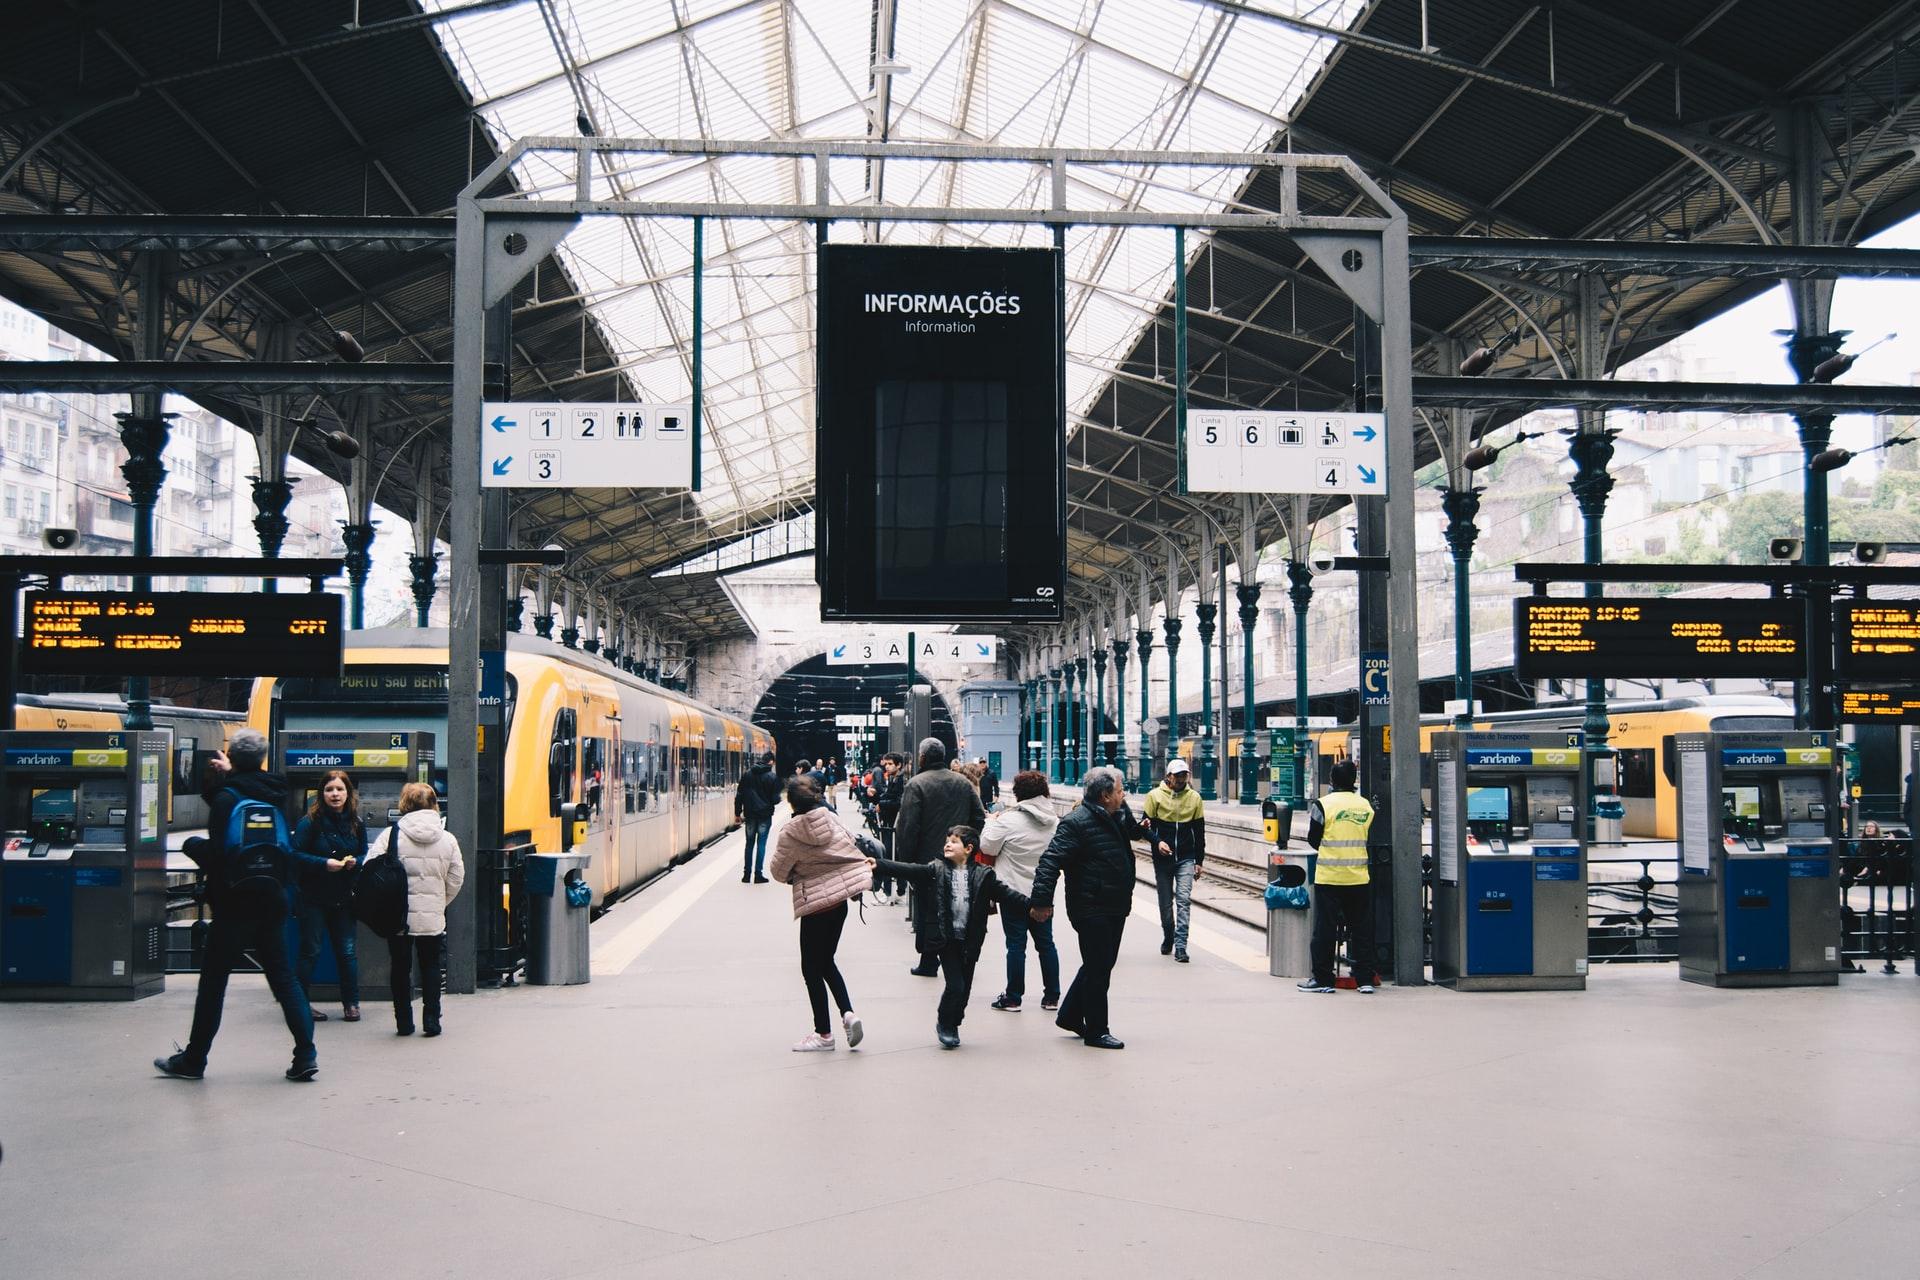 Investimento em comboios em Portugal